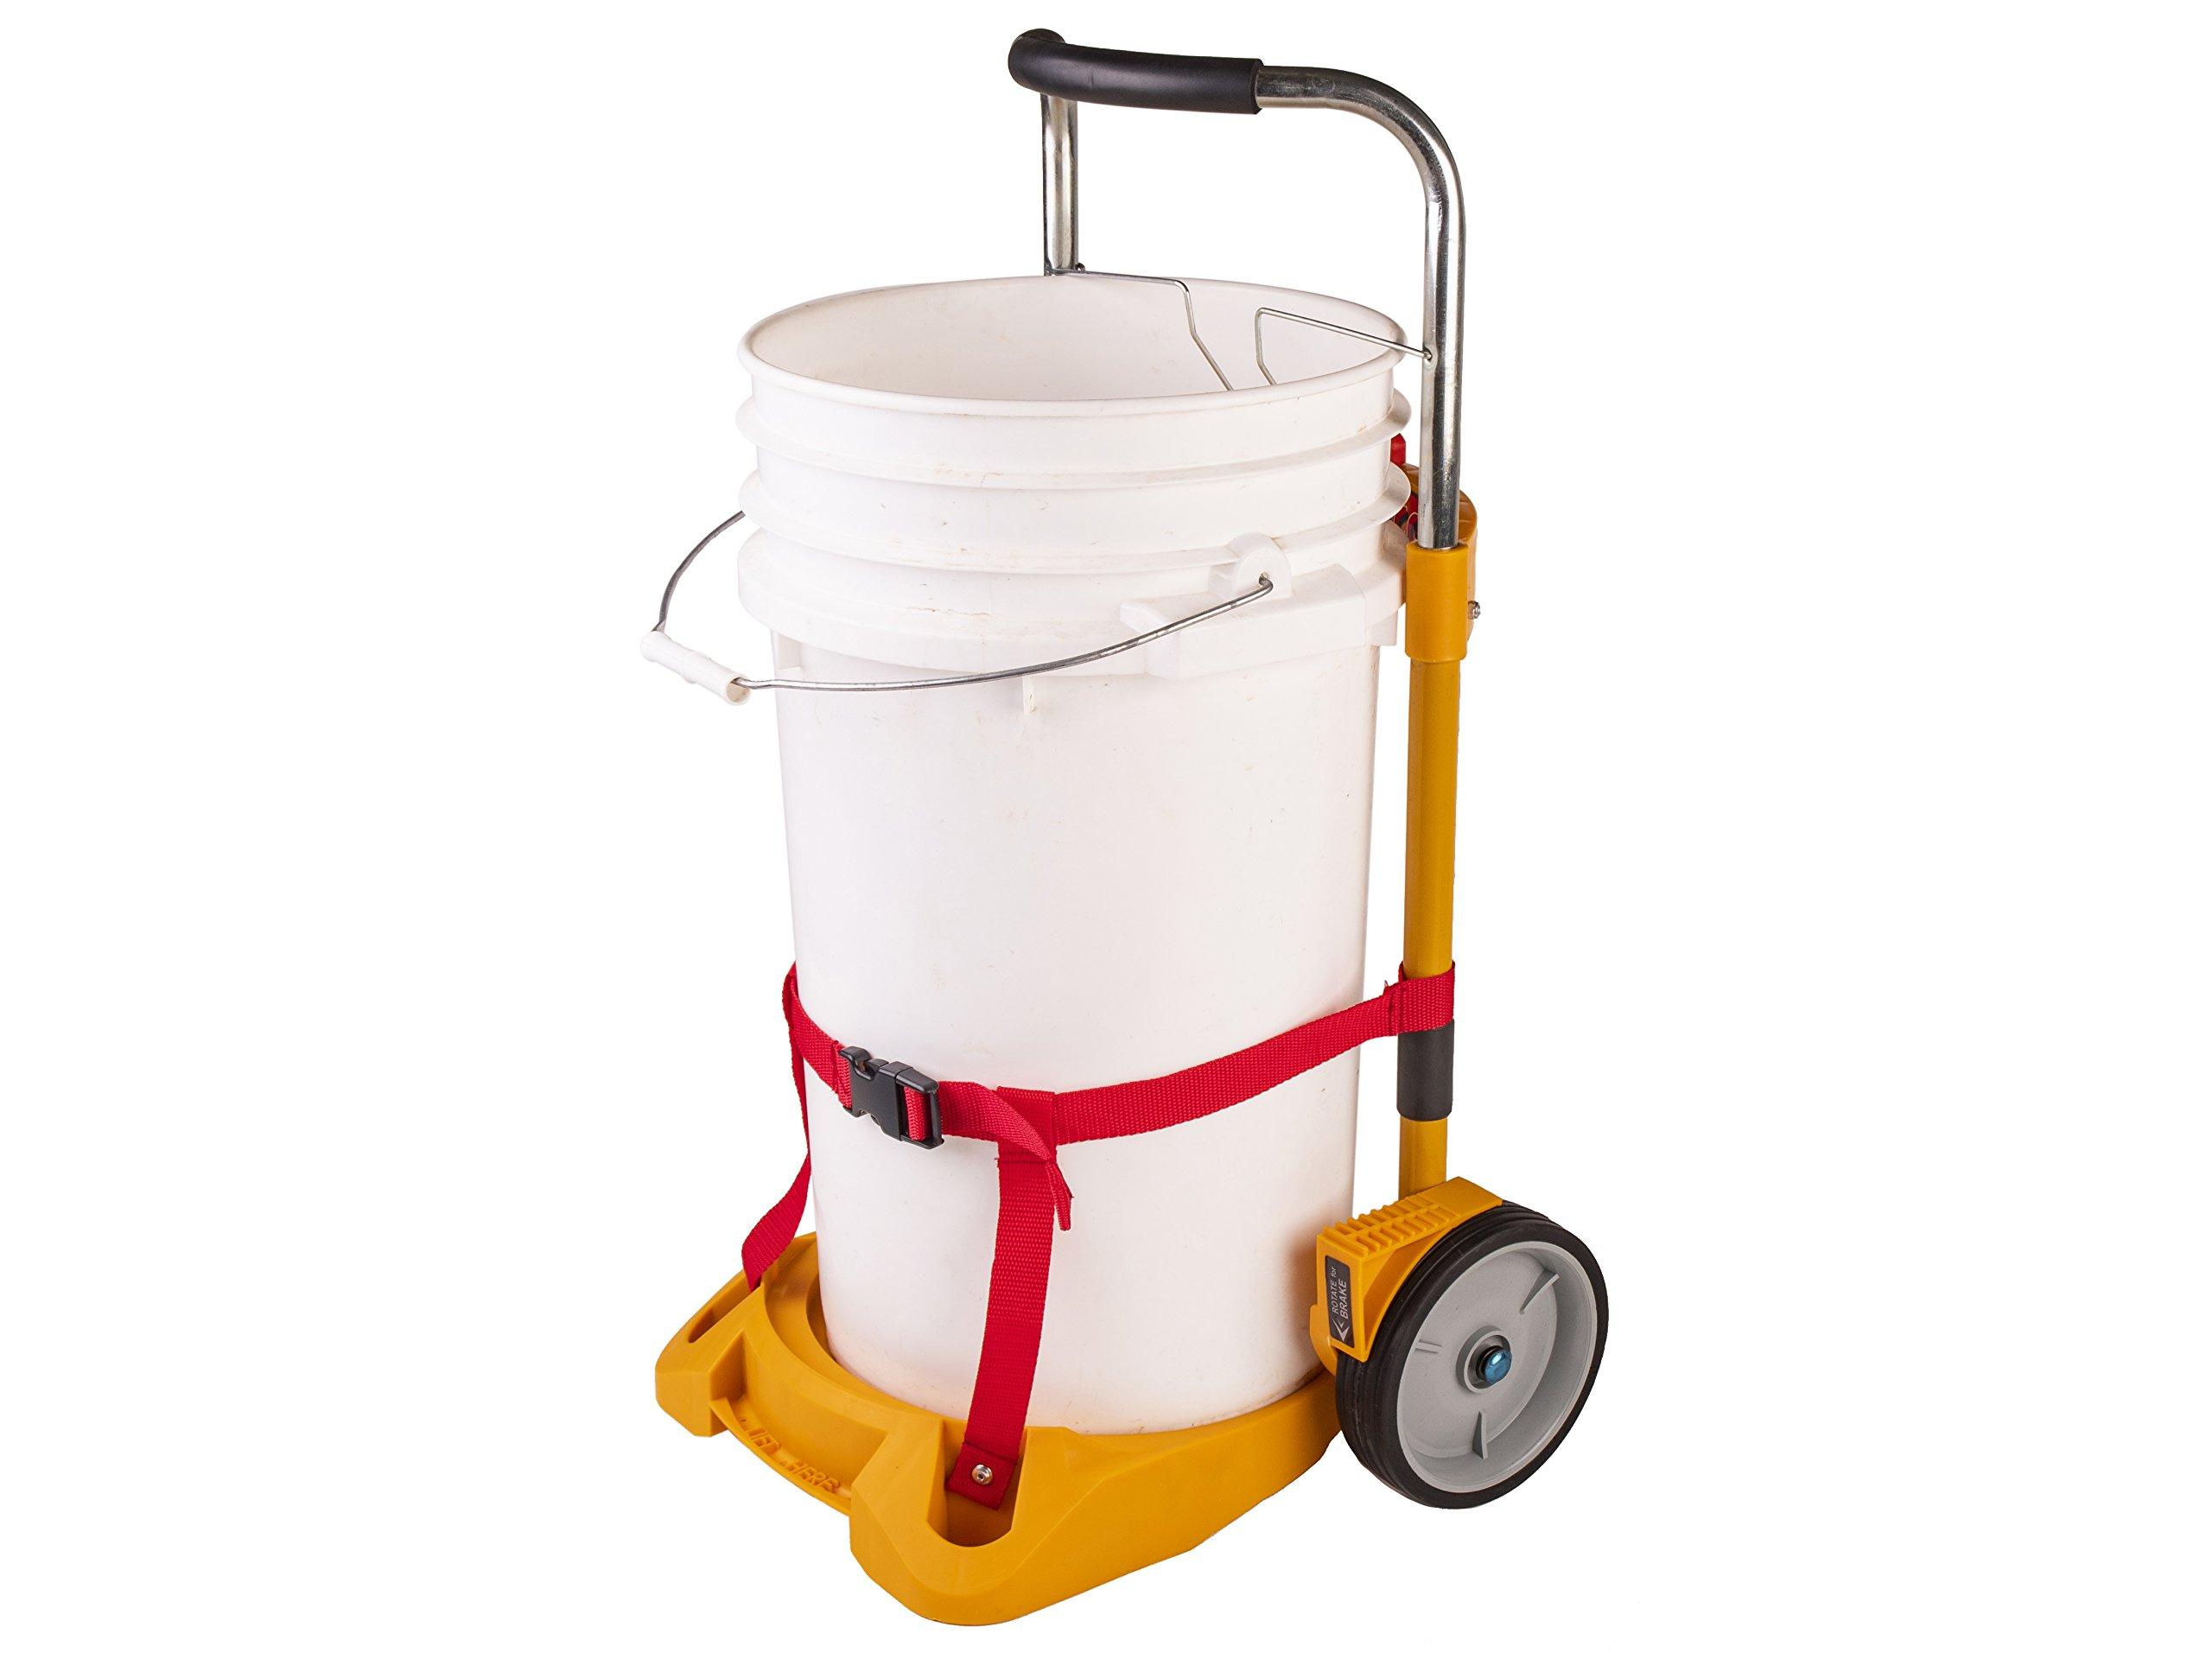 Bucket Buggy Bucket Mover